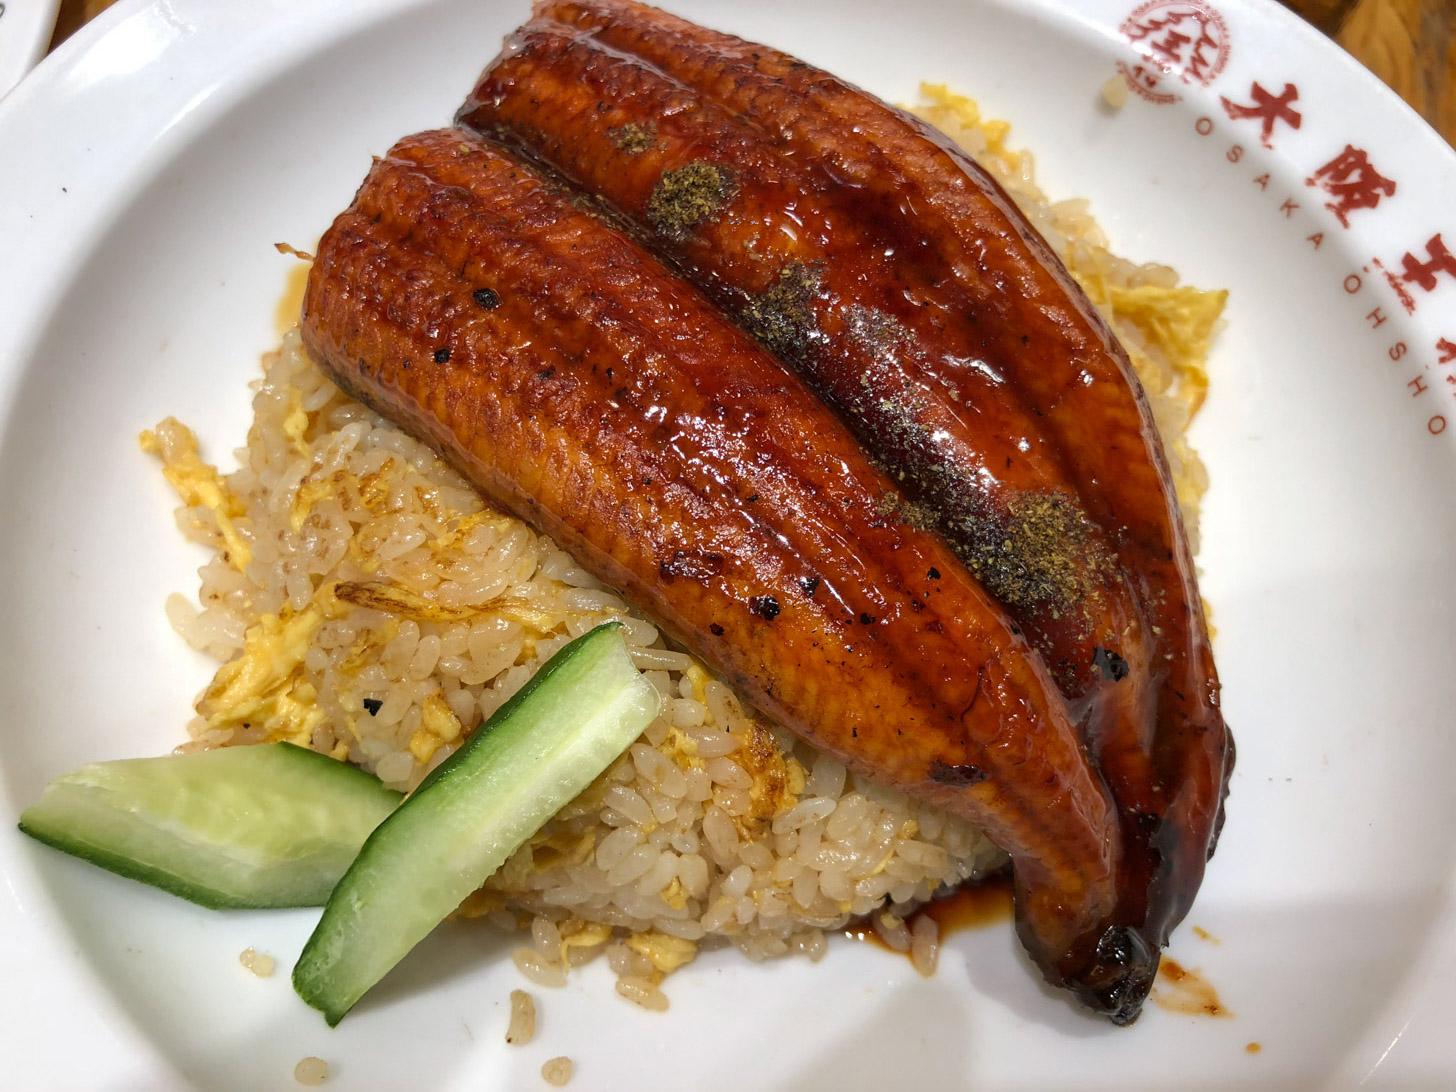 Paling op rijst